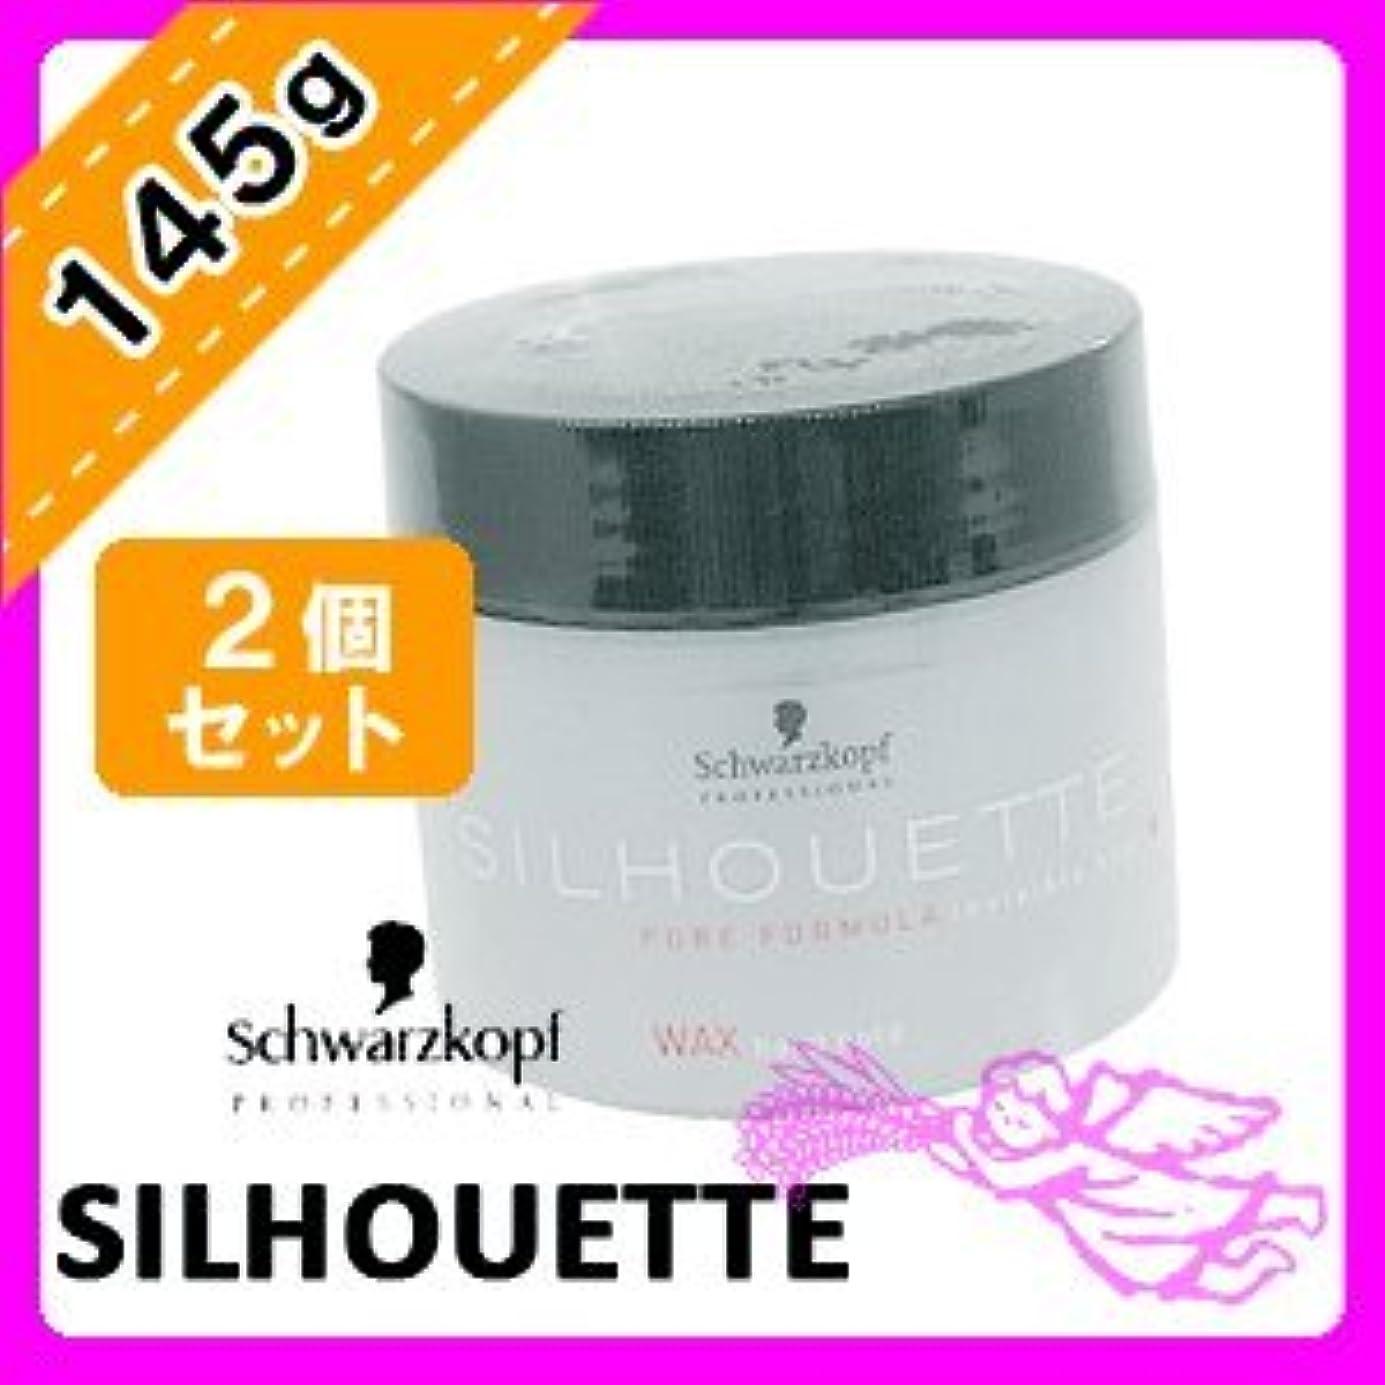 シュワルツコフ シルエット ハードワックス 145g ×2個セット Schwarzkopf SILHOUTTE